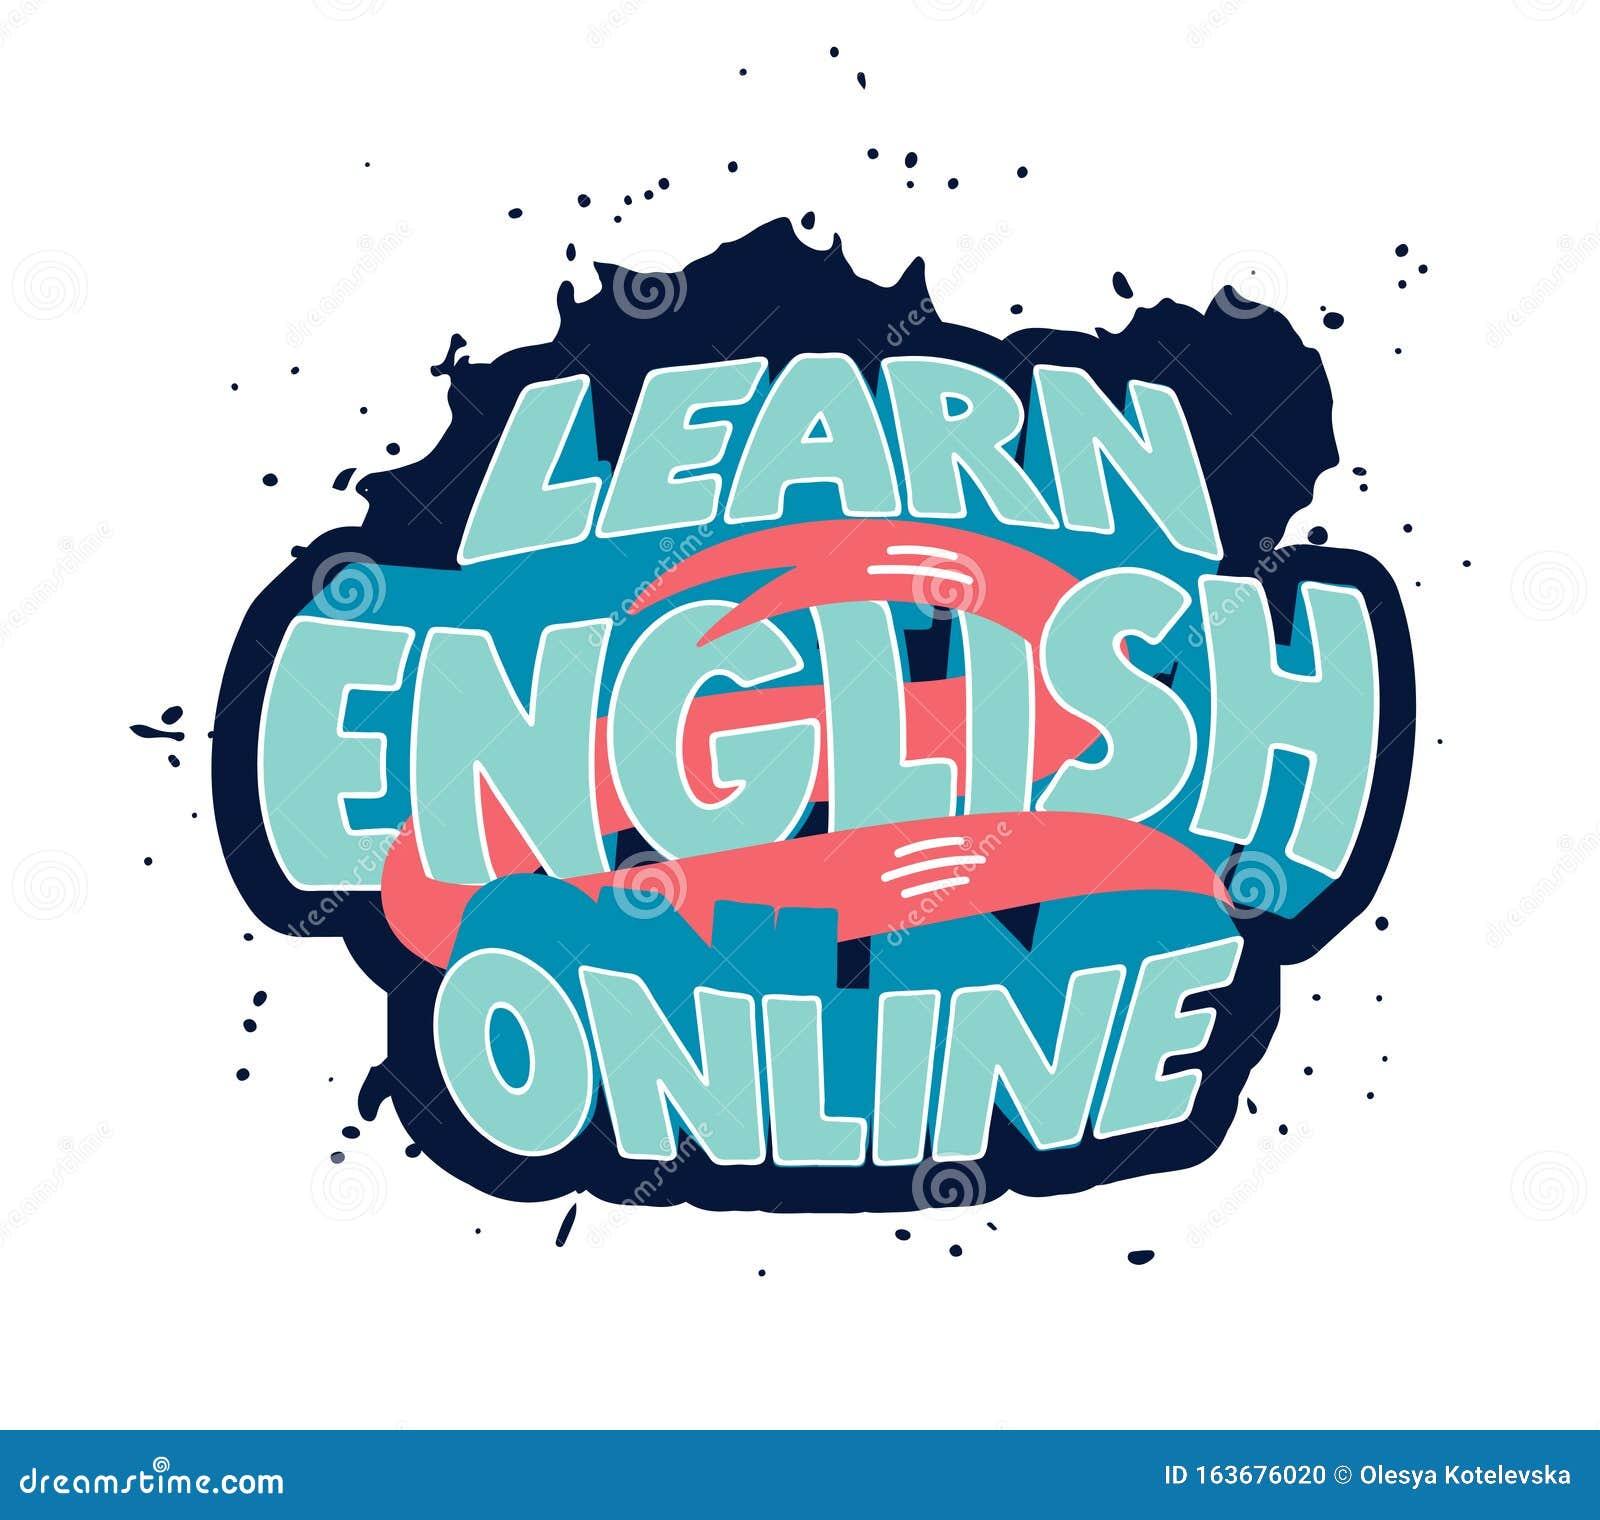 Online Courses Clip Art